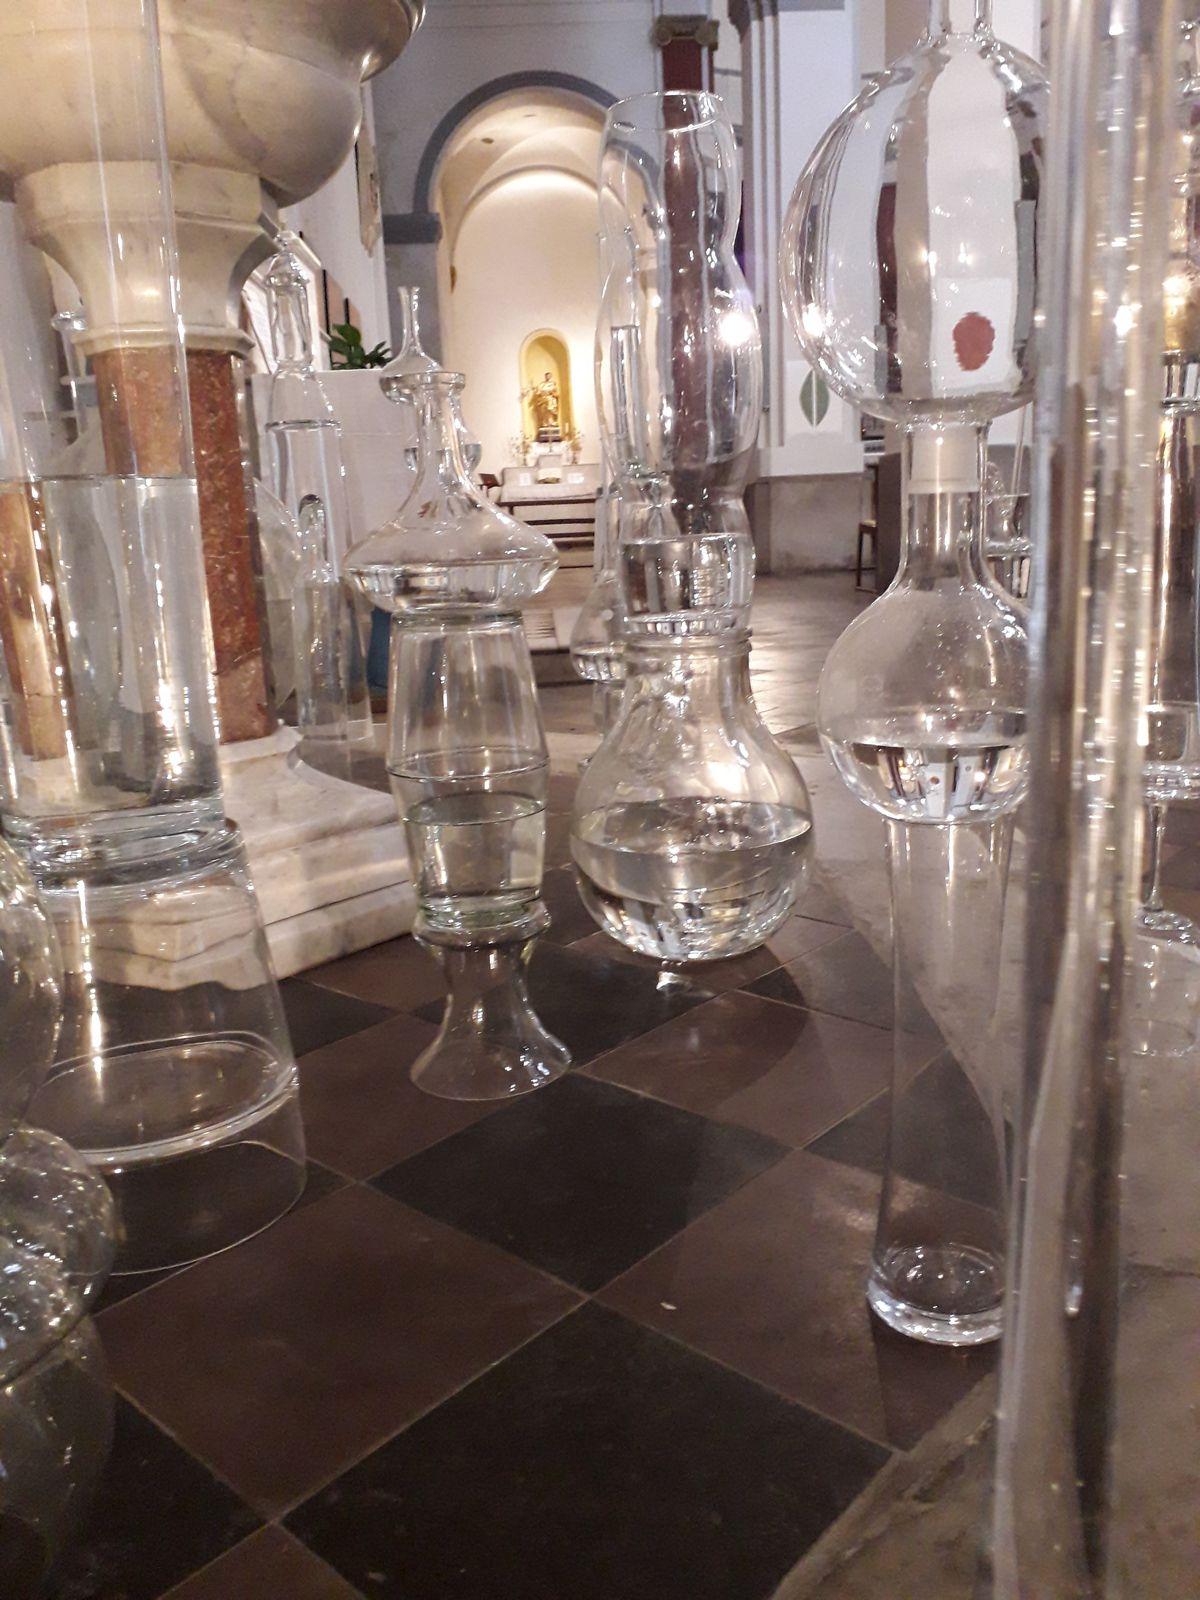 Françoise Rod présente une installation tout en fragilité et en équilibre autour du baptistère. Les vases, verres, décanteurs et damesjeanne sont empilés les uns sur les autres. Certains contiennent de l'eau.